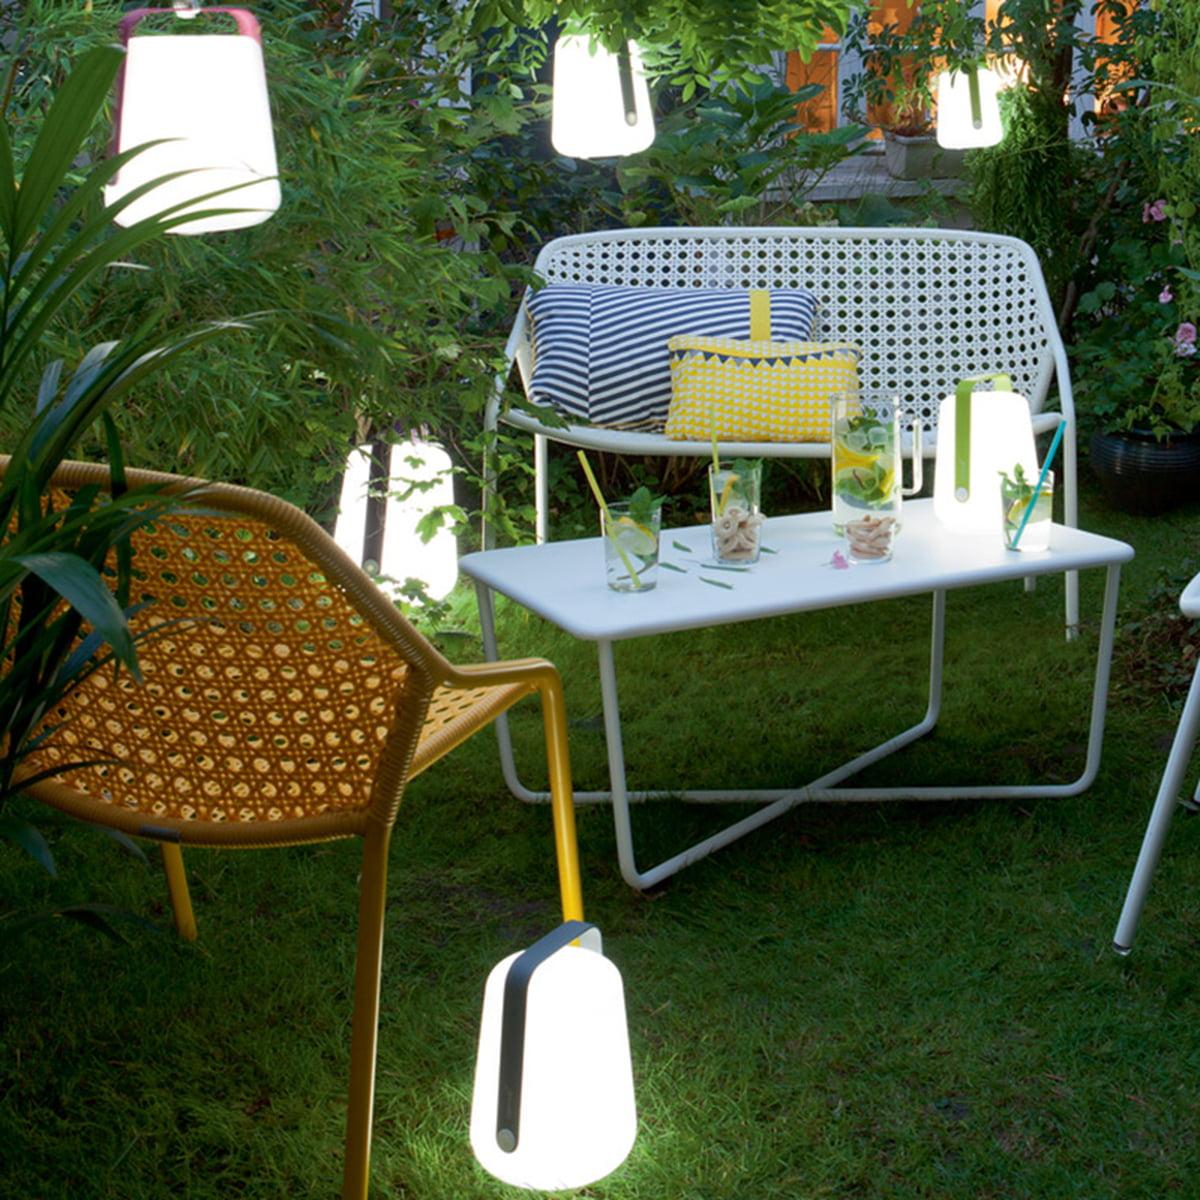 Fermob Akku LED Leuchte: Leicht Zu Transportieren Und äußerst Flexibel